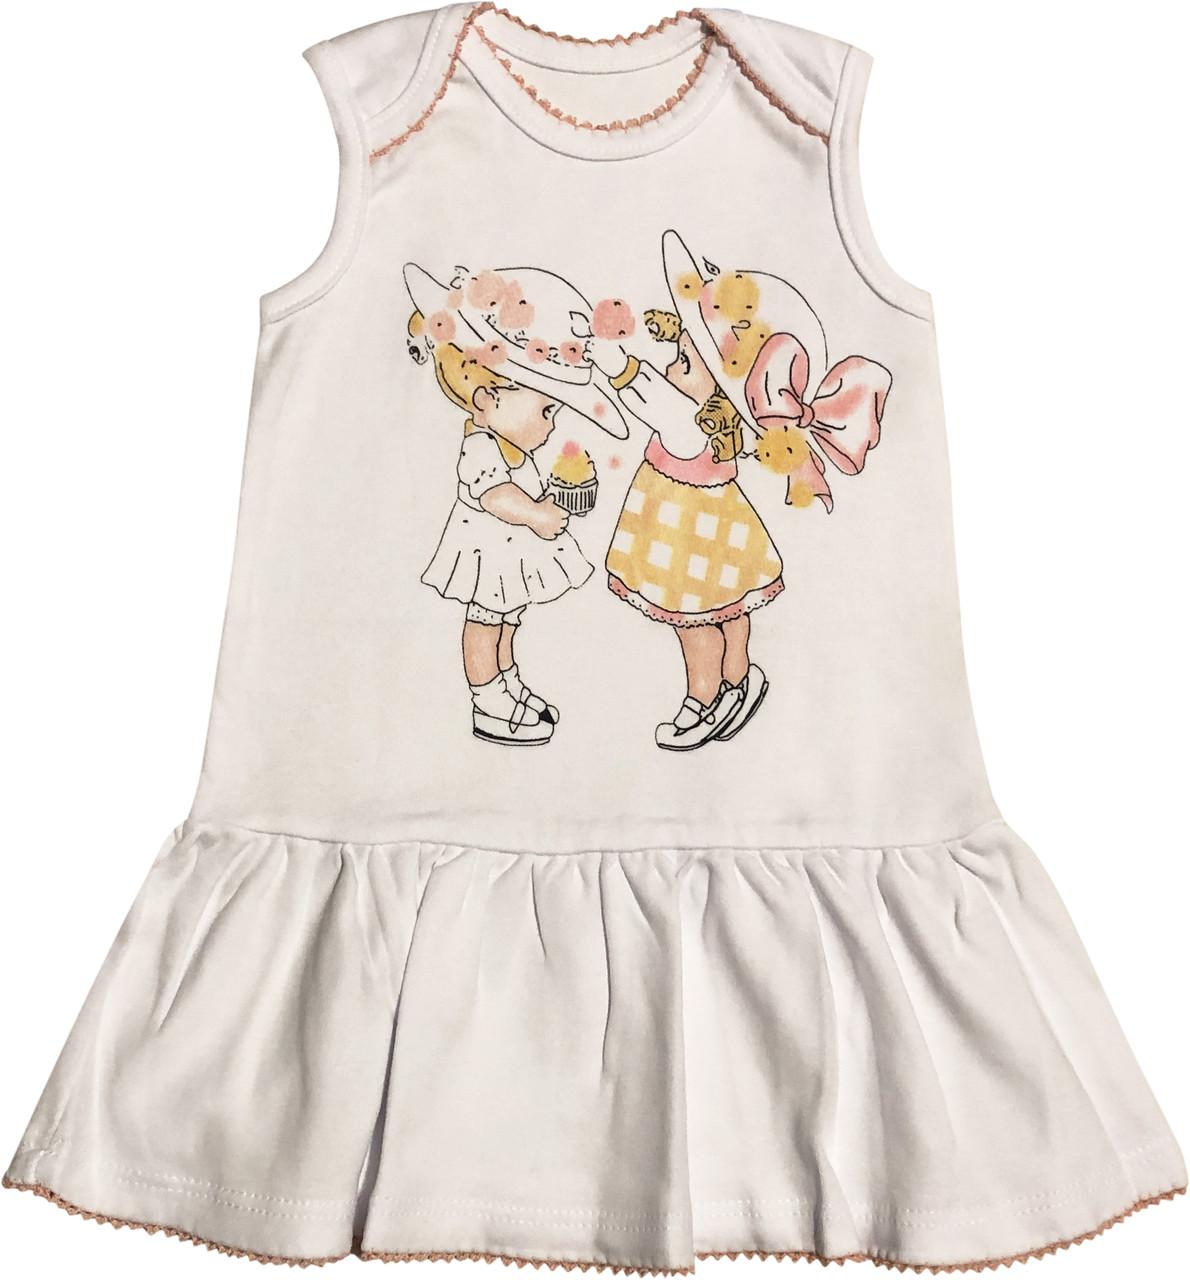 Летнее платье на девочку рост 80 9-12 мес для новорожденных без рукавов детское трикотаж интерлок лето белое